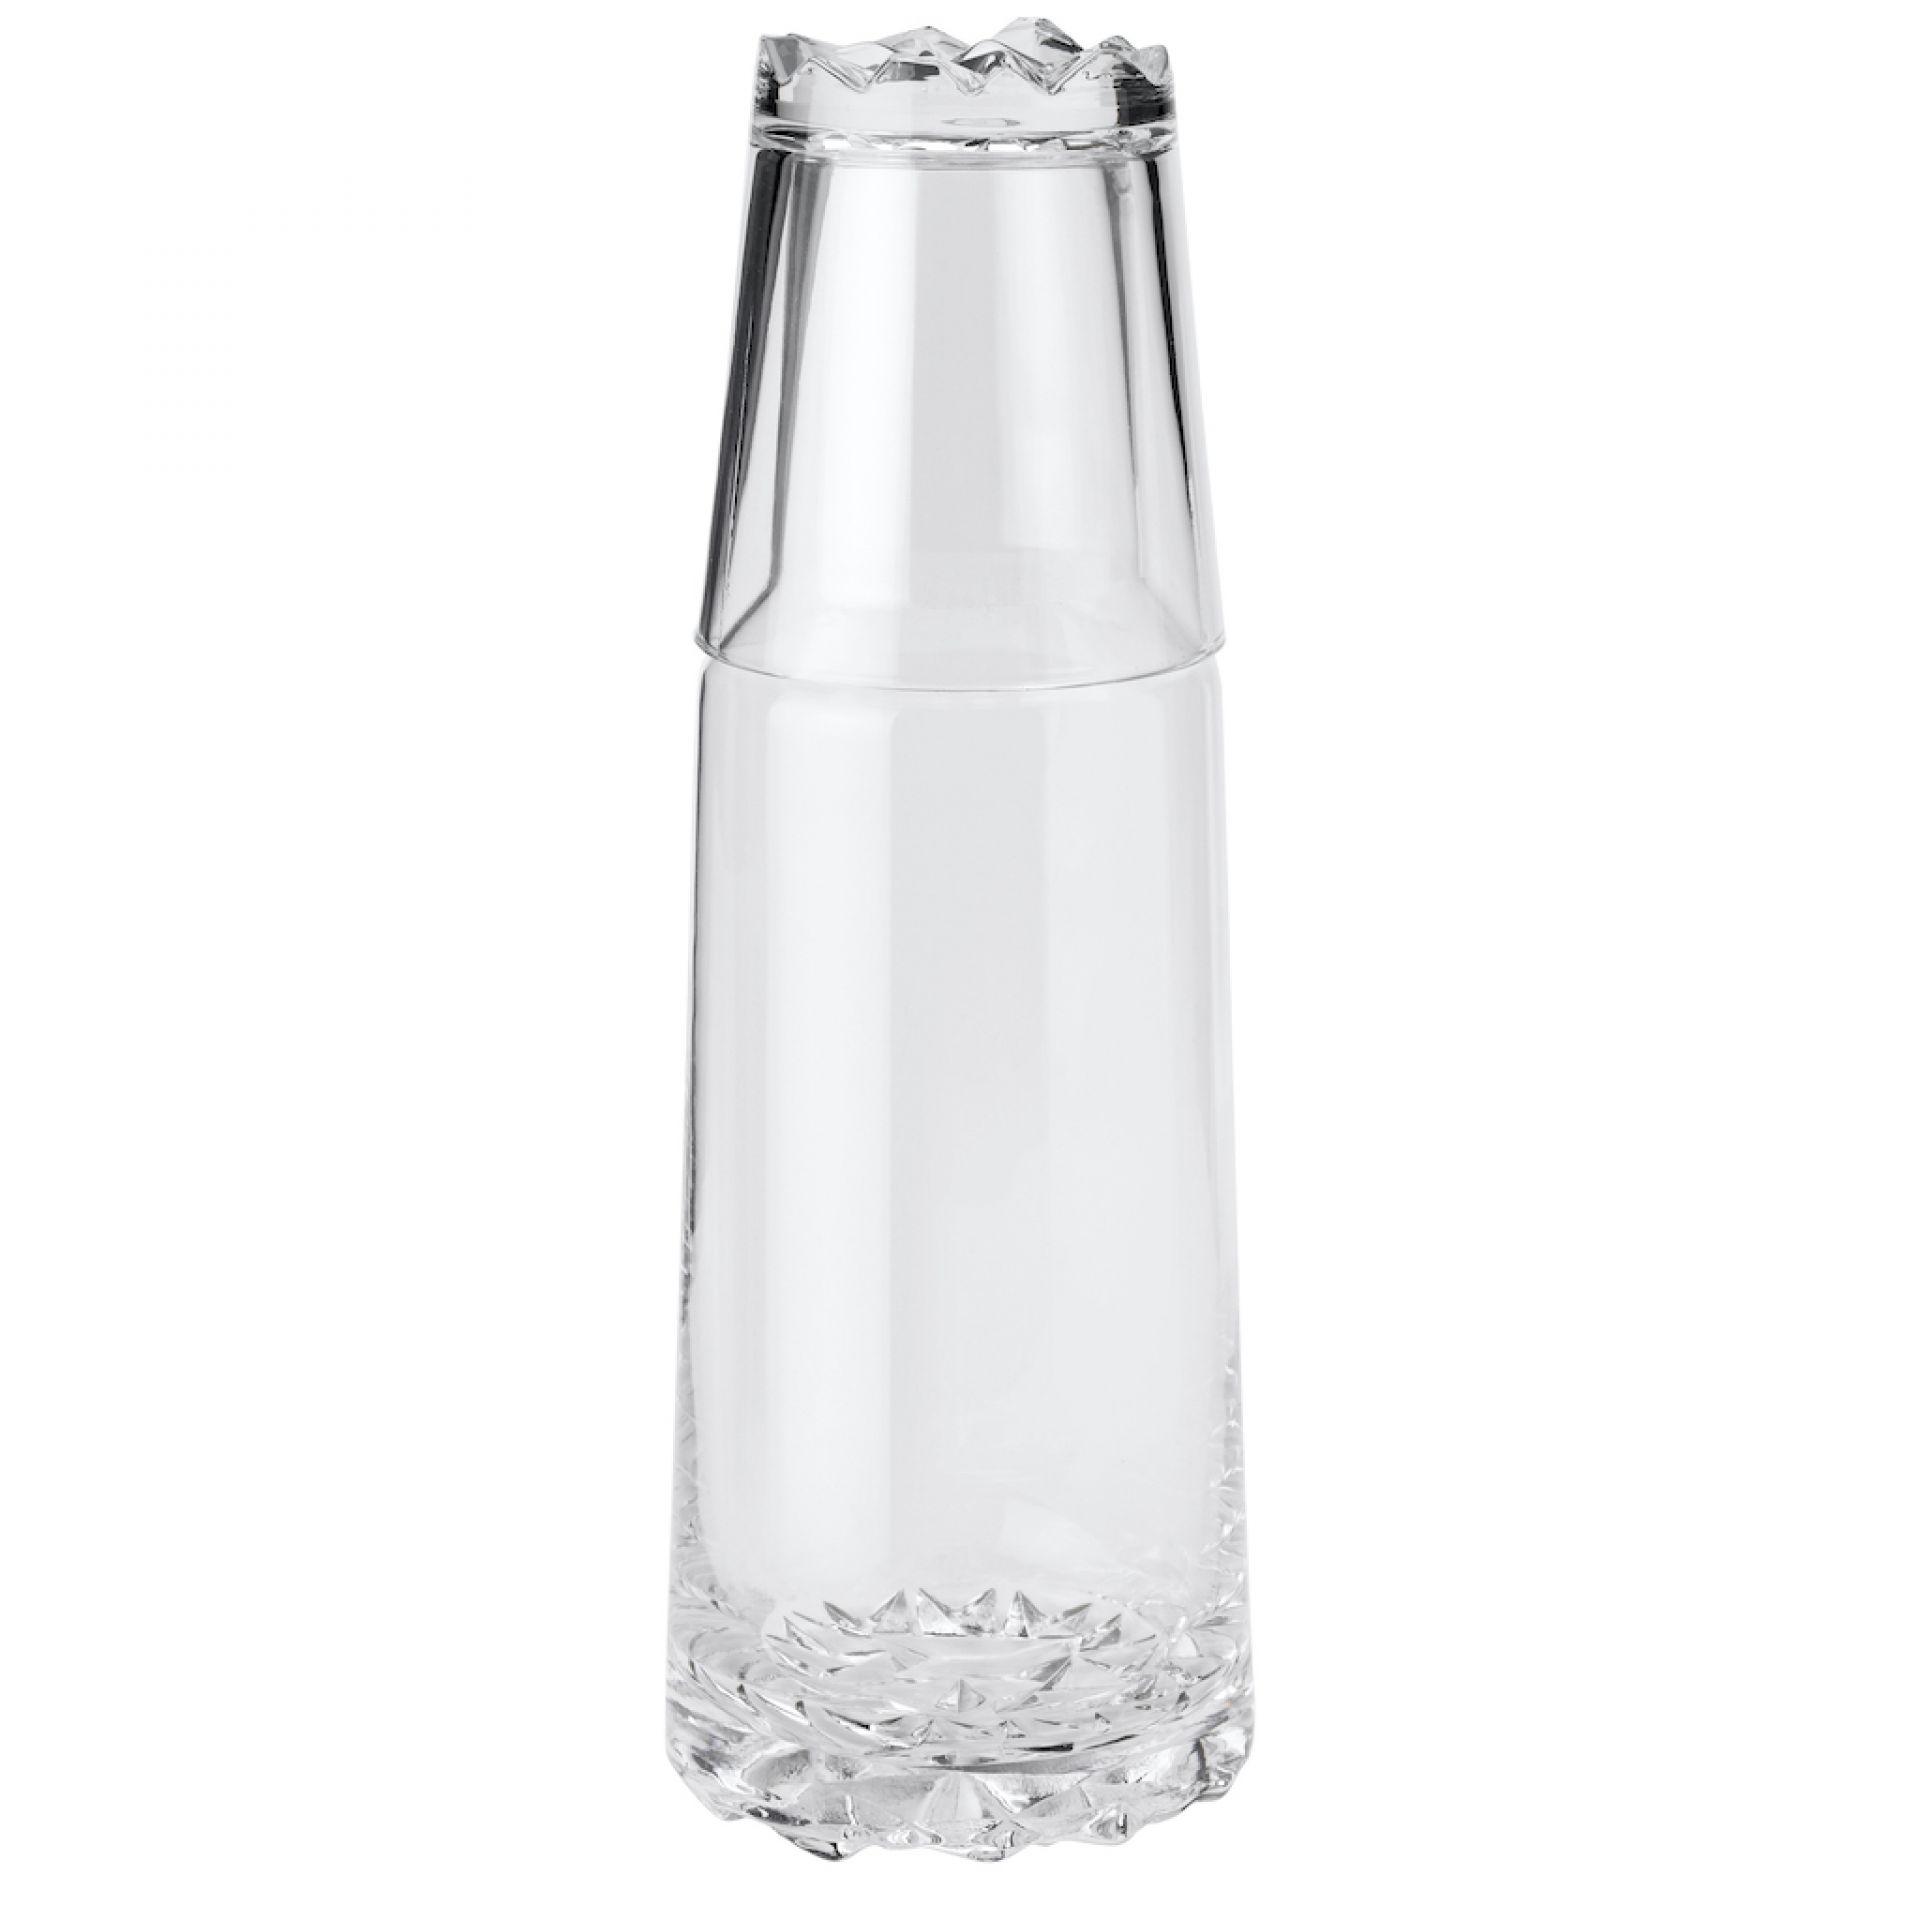 Glacier Karaffe 1 Liter mit 0,25 Glas Stelton